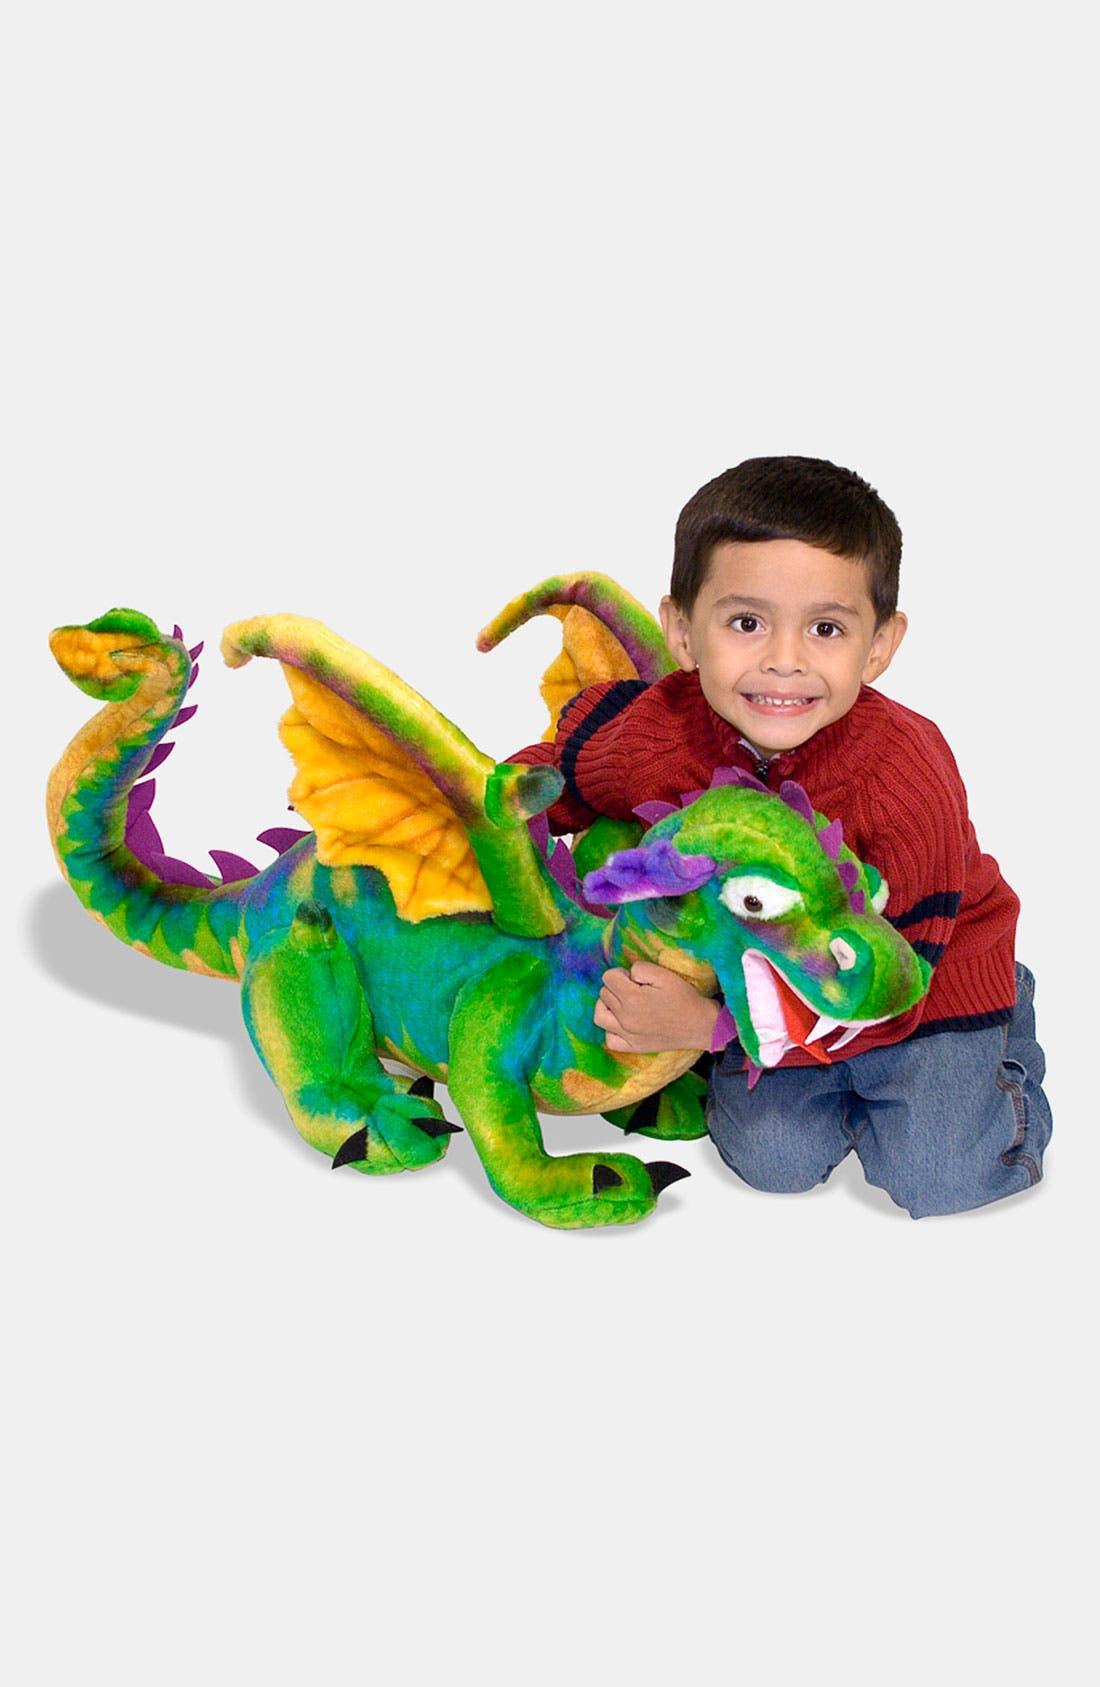 Oversized Plush Stuffed Dragon,                             Main thumbnail 1, color,                             VARIOUS